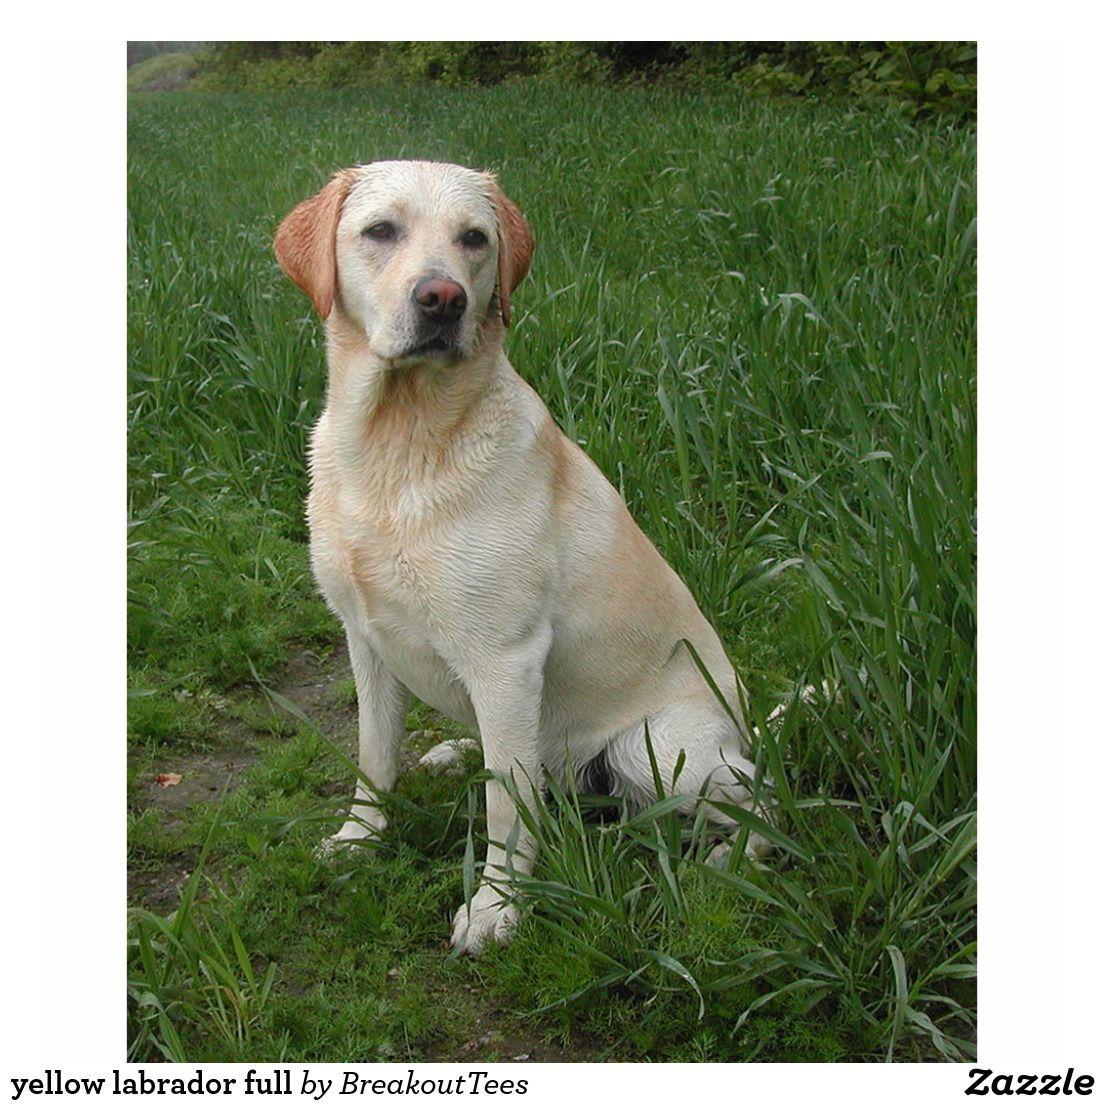 Yellow Labrador Full Cutout Zazzle Com In 2020 Yellow Labrador Labrador Labrador Retriever